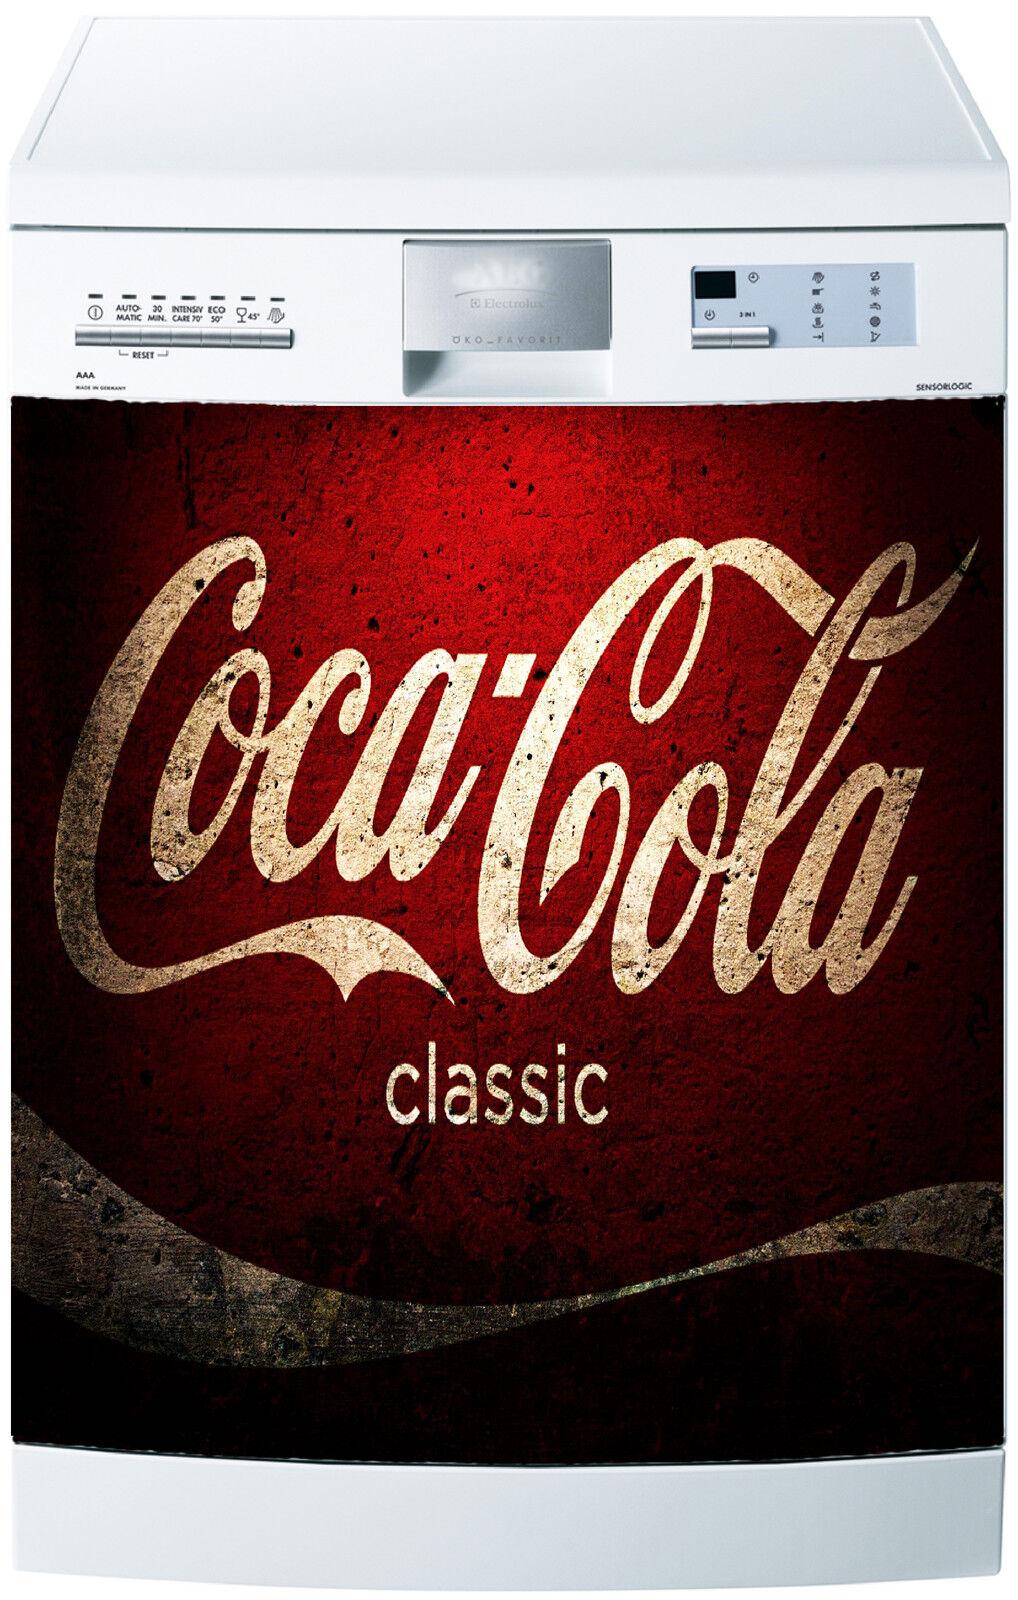 Adesivo Lavastoviglie Decocrazione Cucina Elettrodomestici Cola Ref 648 60x60cm